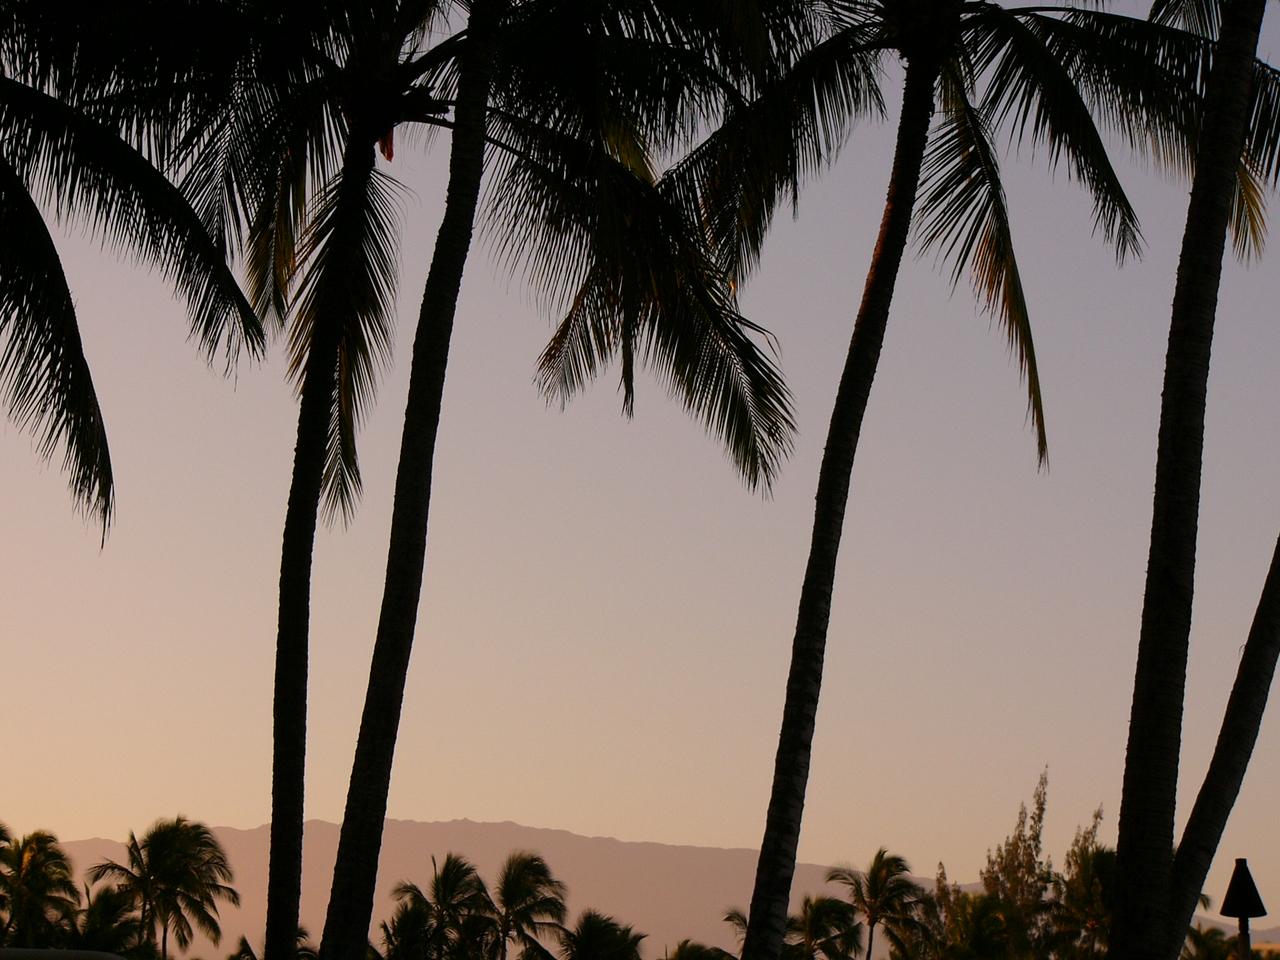 Waikaloa Palms